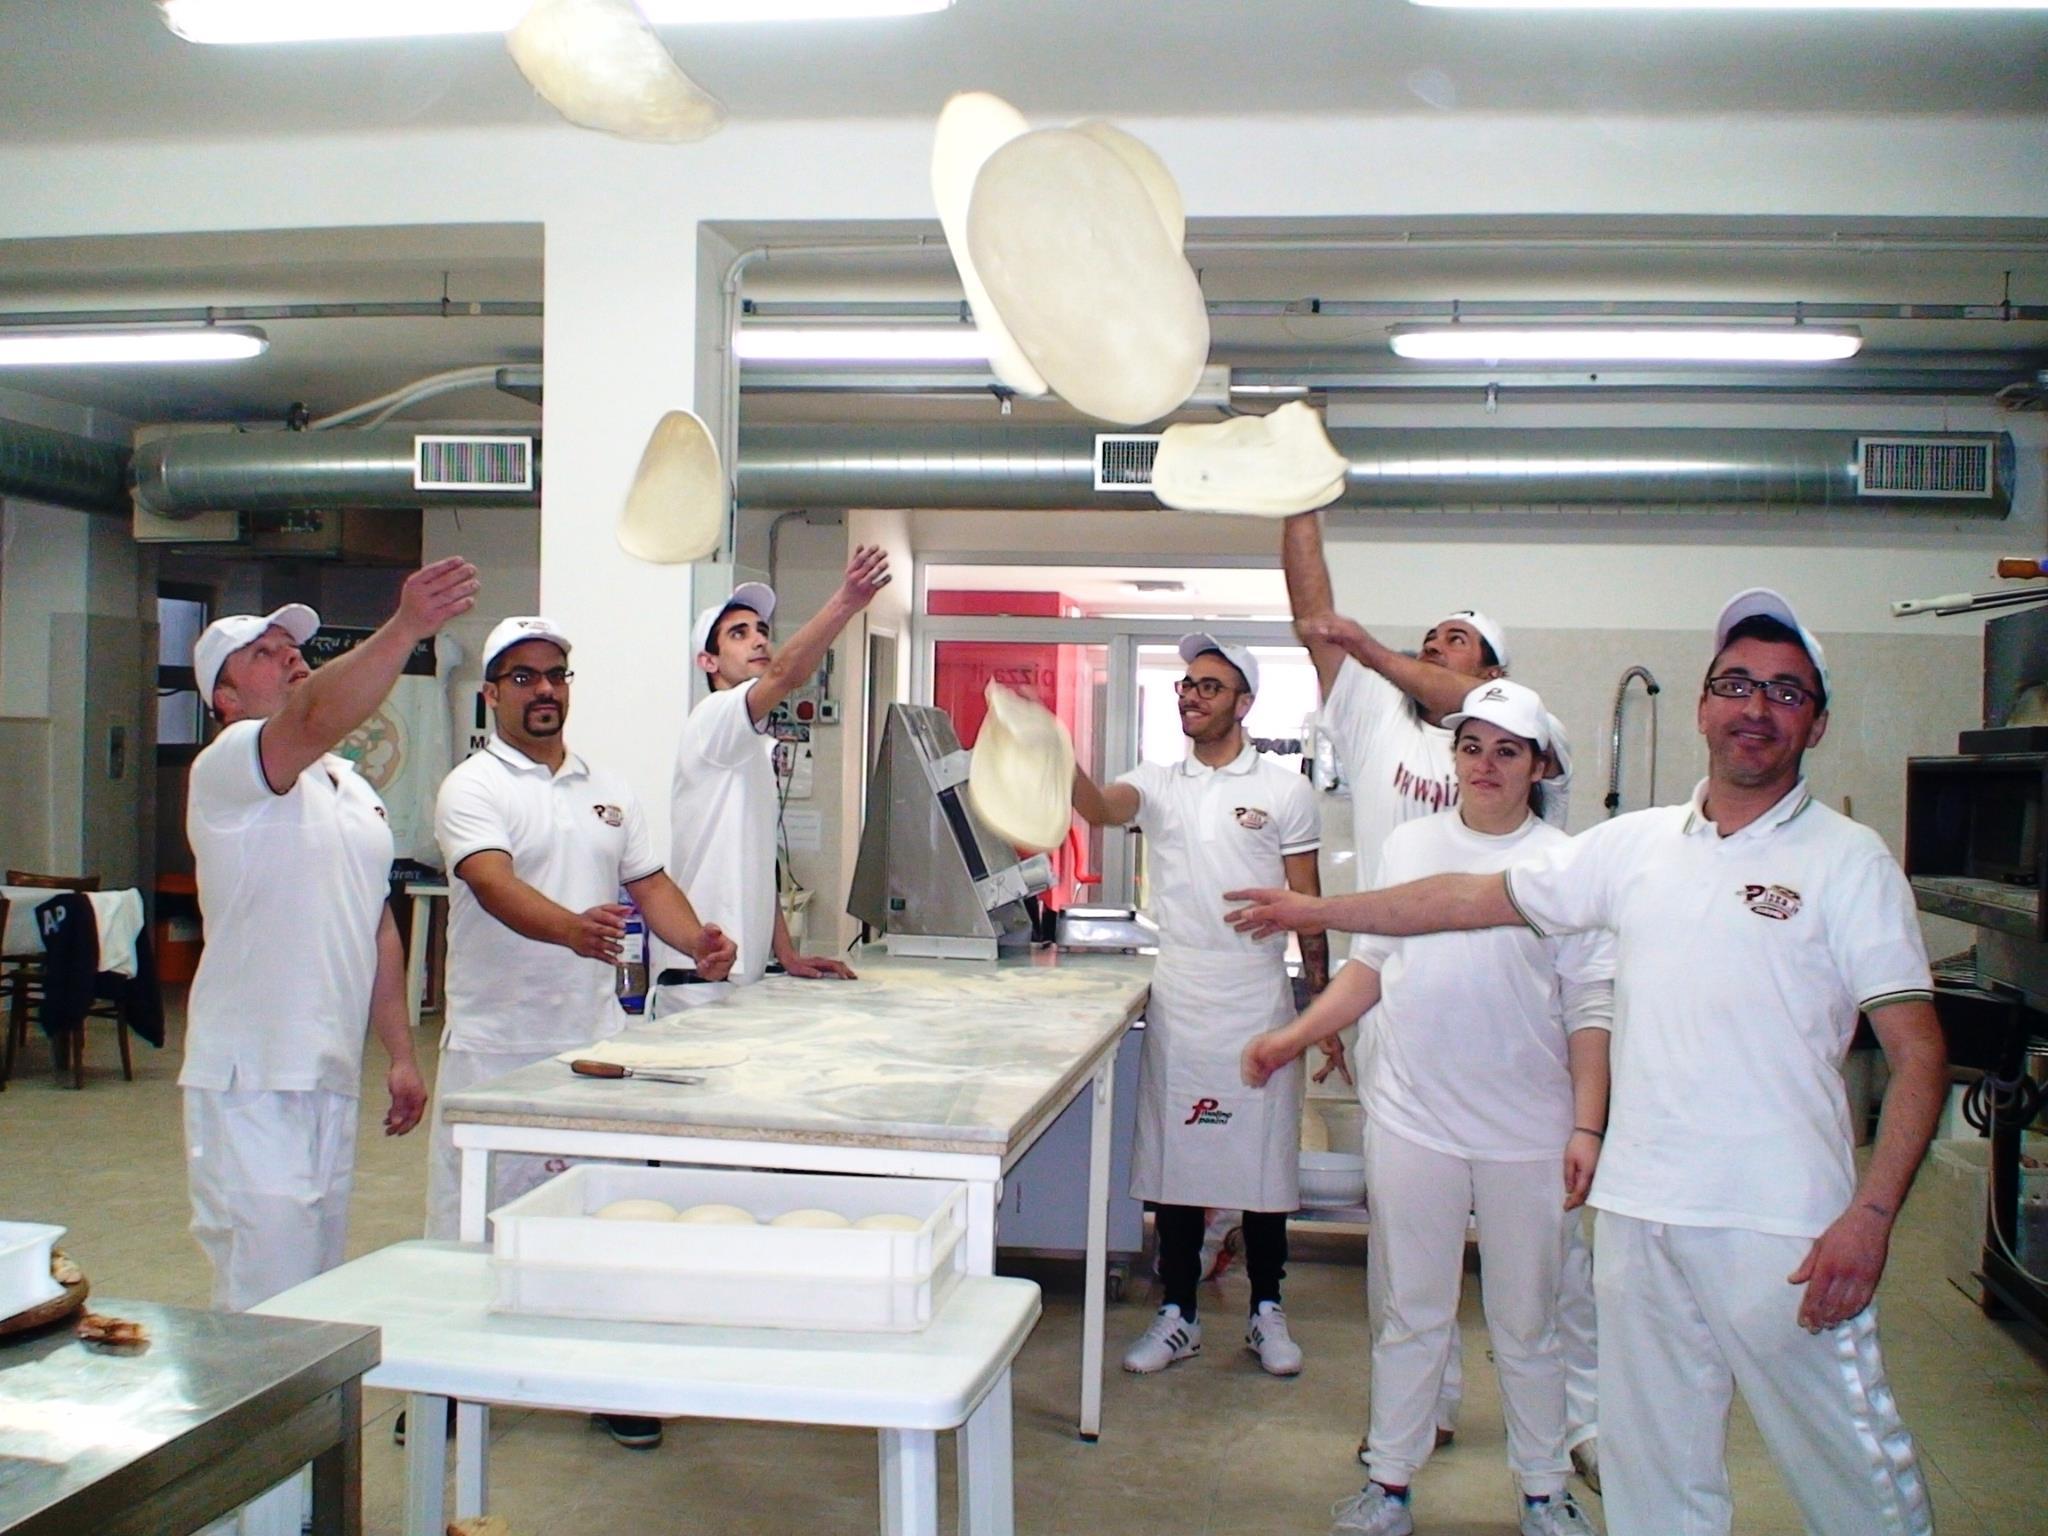 Pizza acrobatica - Pizza.it School - Scuola formazione pizzaioli professionisti